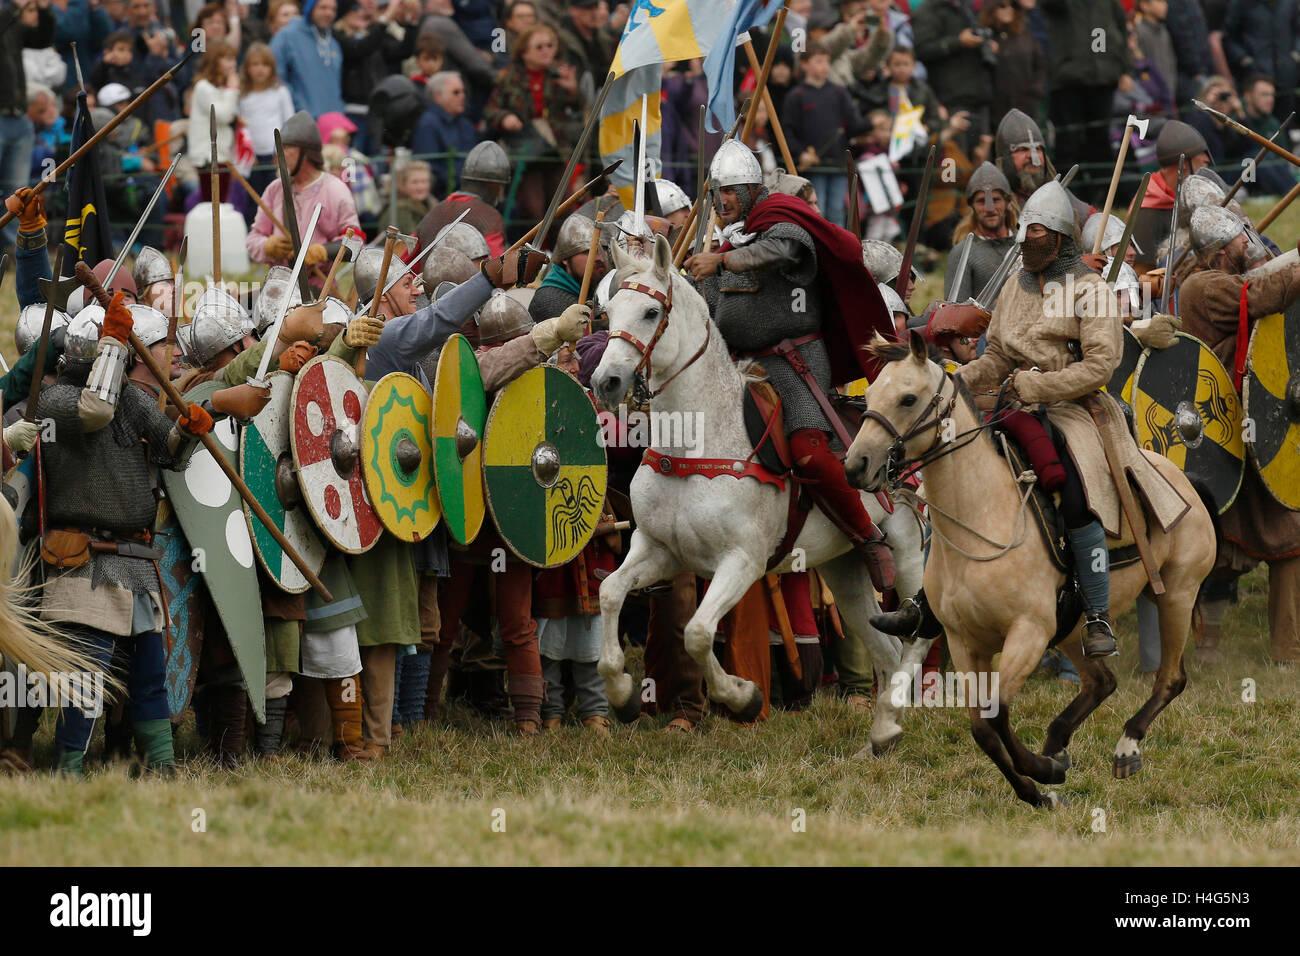 Battle, East Sussex, Reino Unido. 15 de octubre de 2016. Re-enactors, vestido como los sajones y normandos realizar Foto de stock